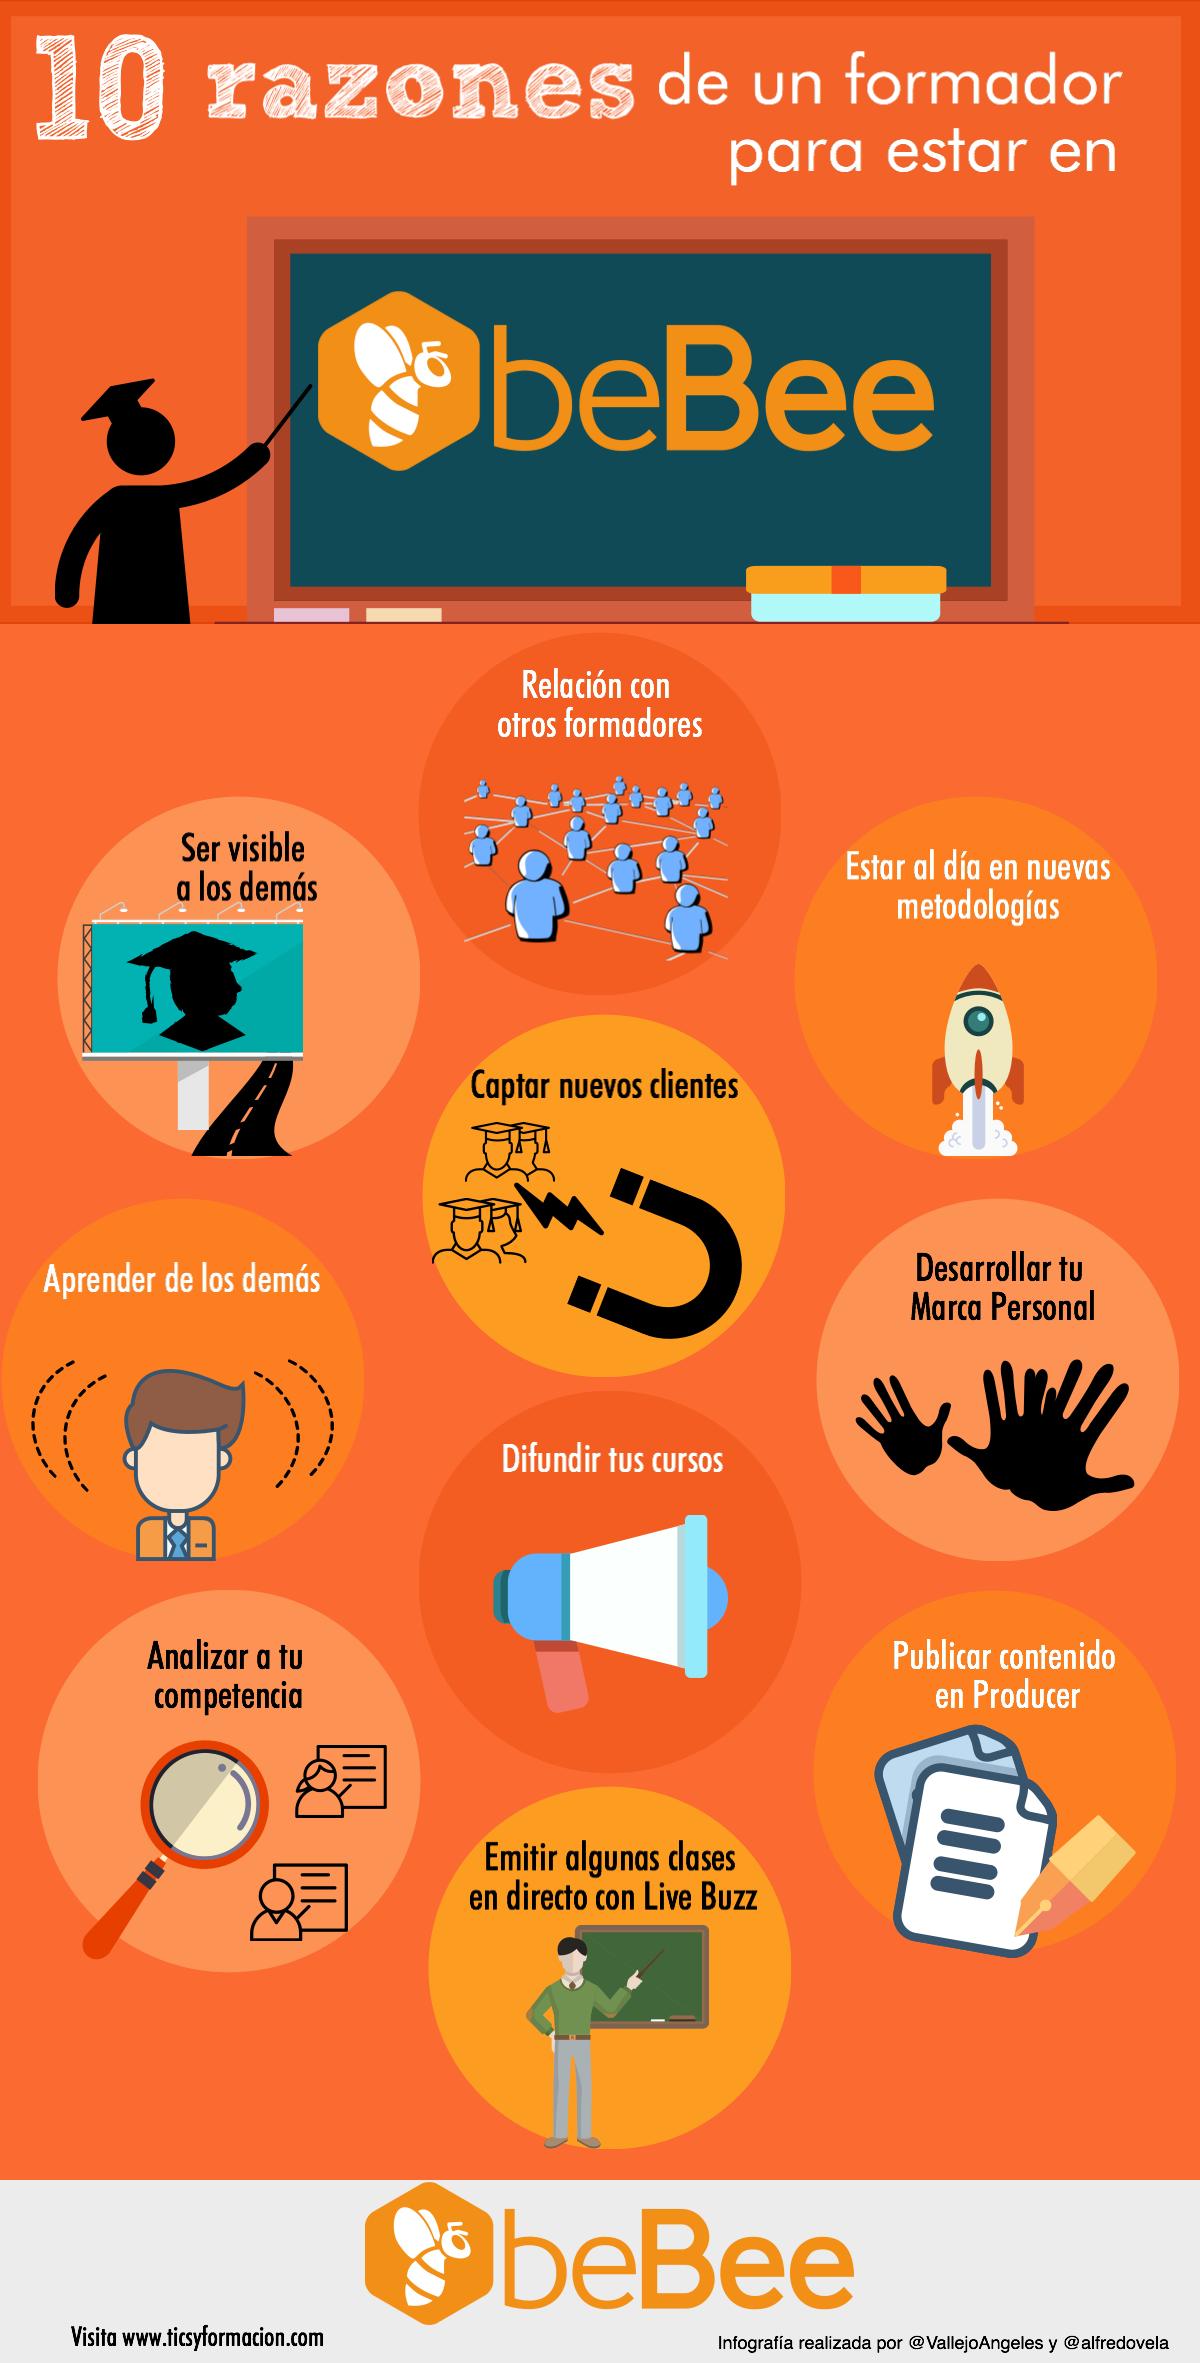 10 razones de un formador para estar en beBee